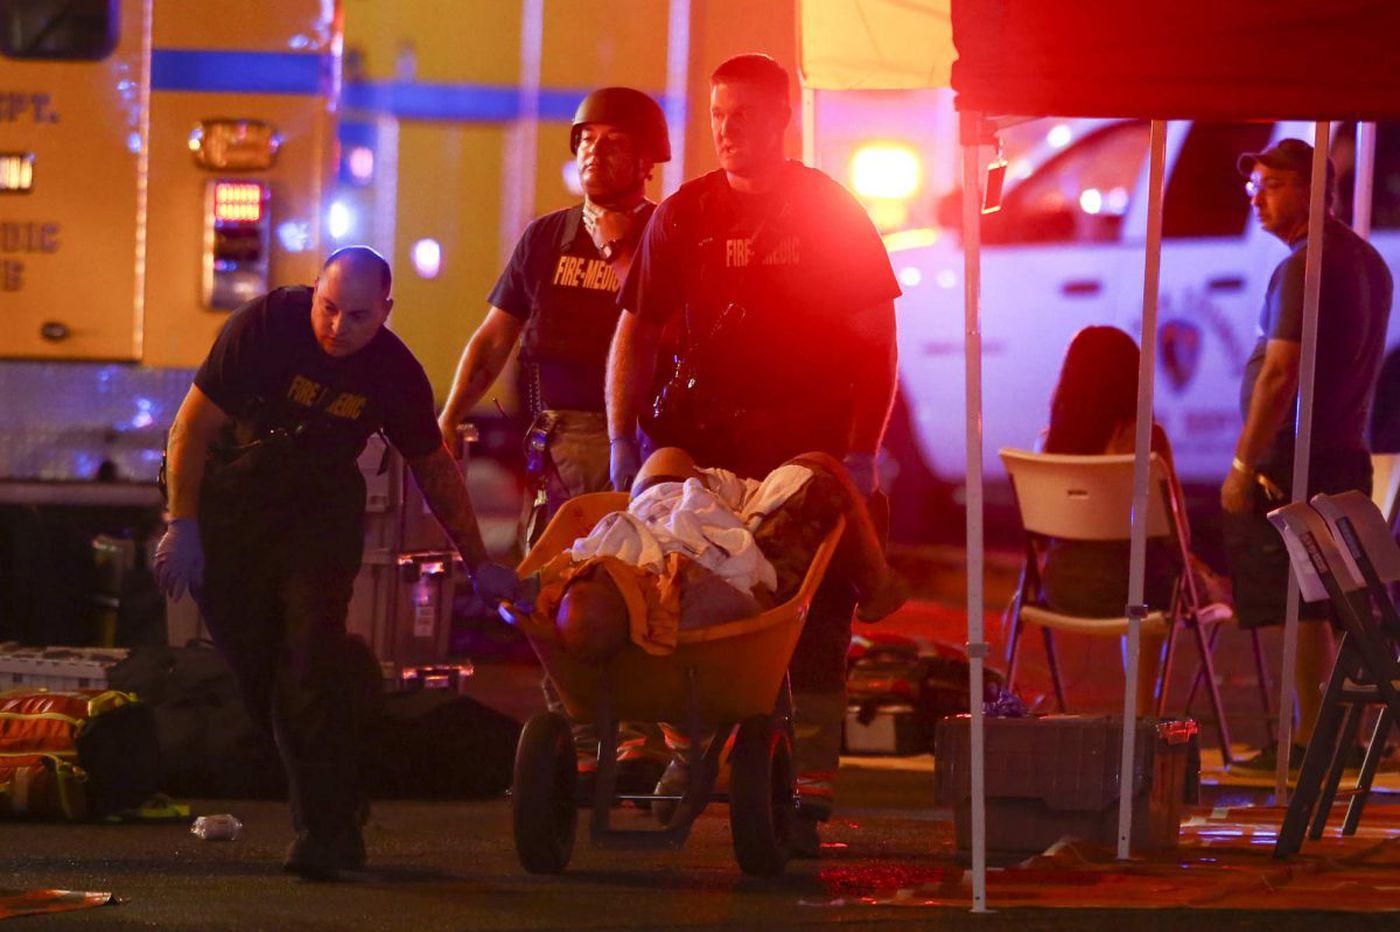 Las Vegas Massacre latest: Toll rises to 59 dead, 527 injured